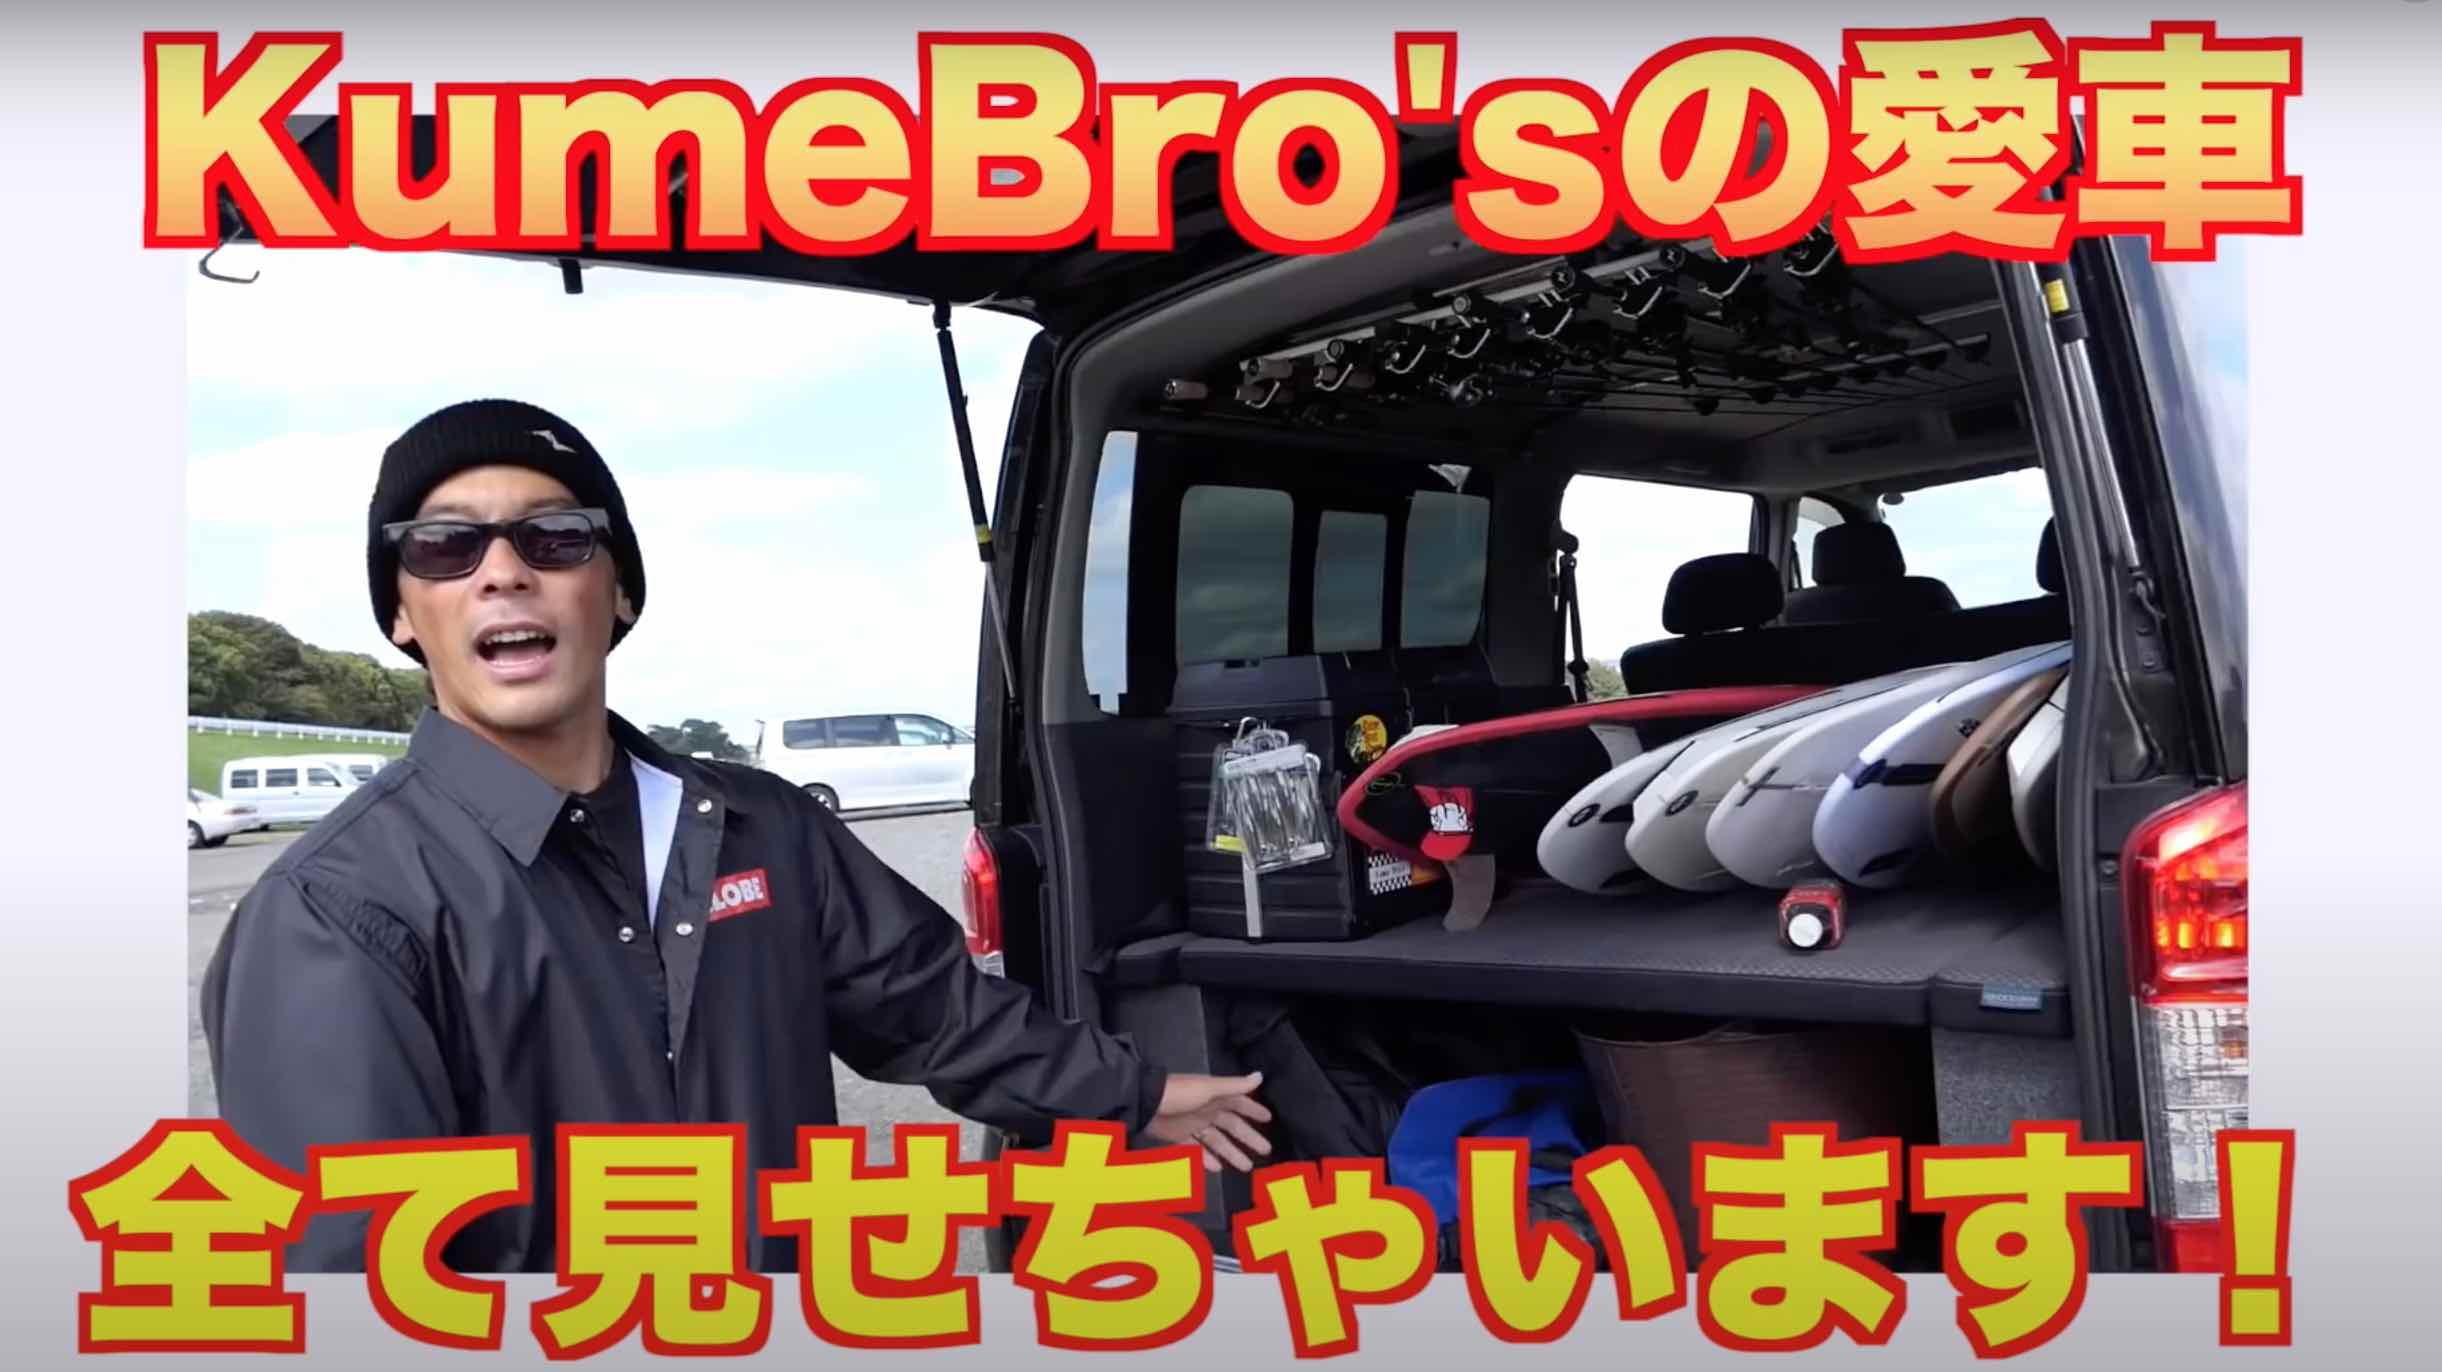 【サーフィン仕様の車】サーフィンと釣りが大好きなkumebrosのサーフキャンプすら可能なNV350キャラバンのすべてに迫る!!